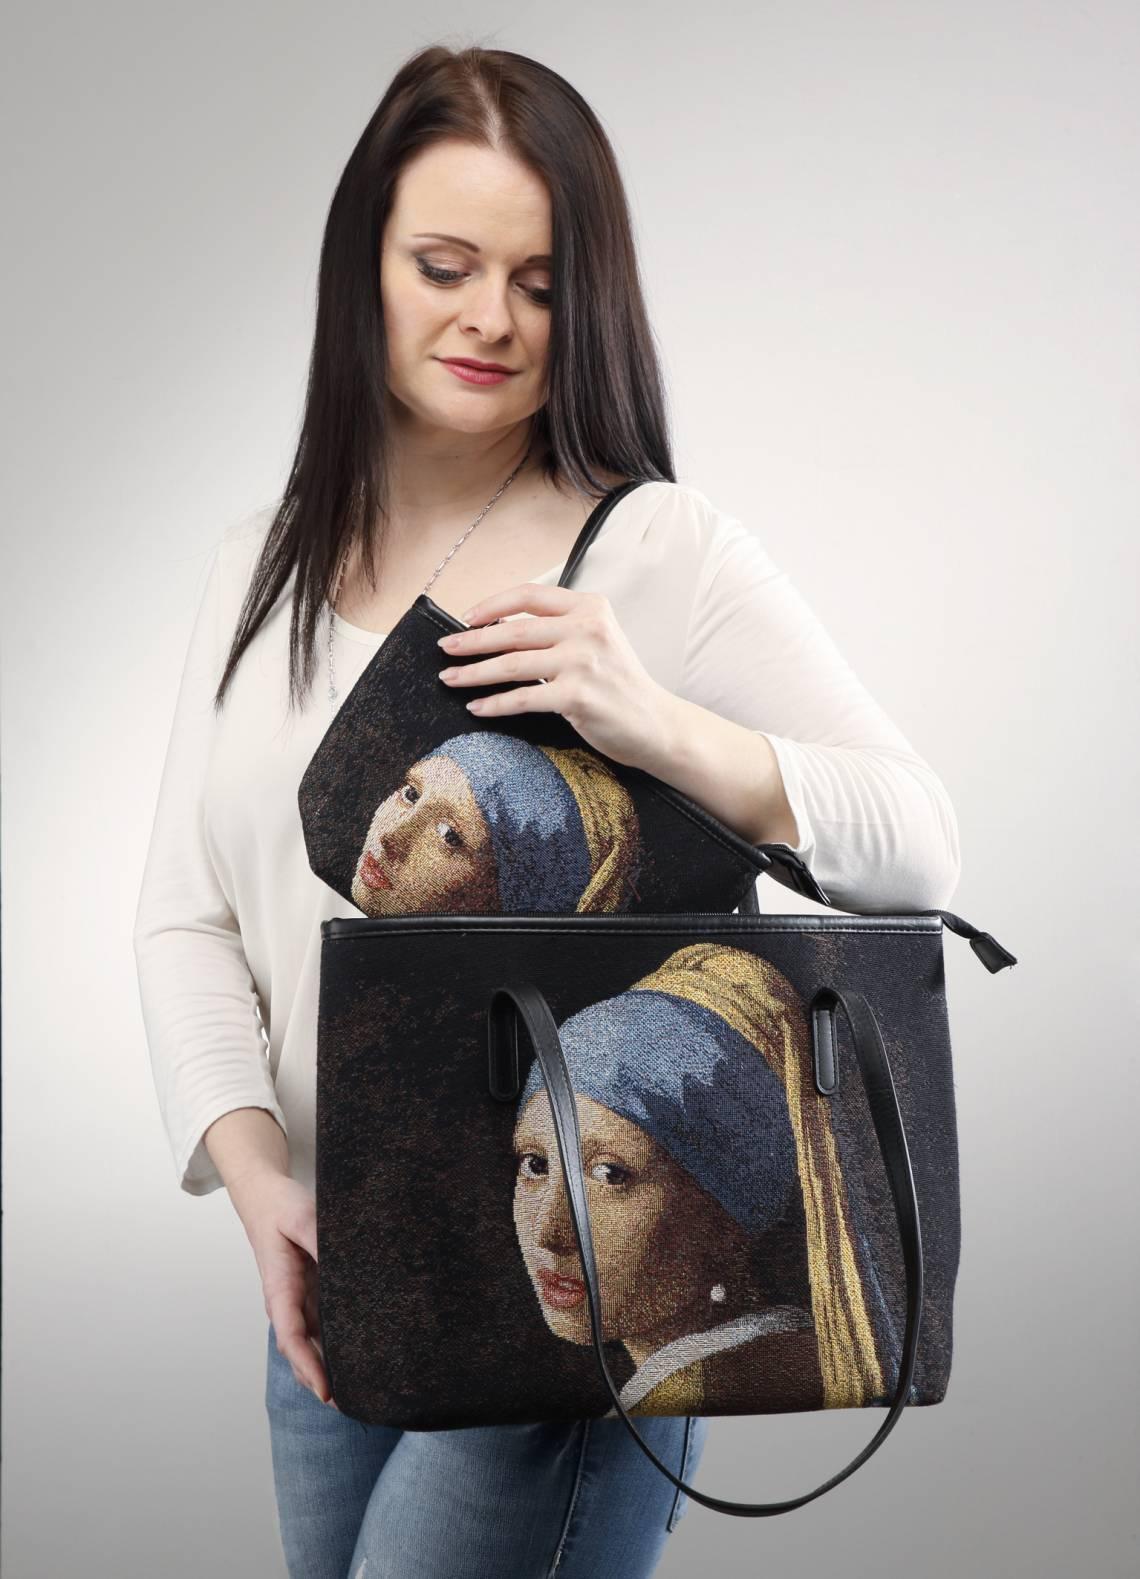 Goebel Porzellan Artis Orbis_Accessoires Taschen Neuheiten 2021